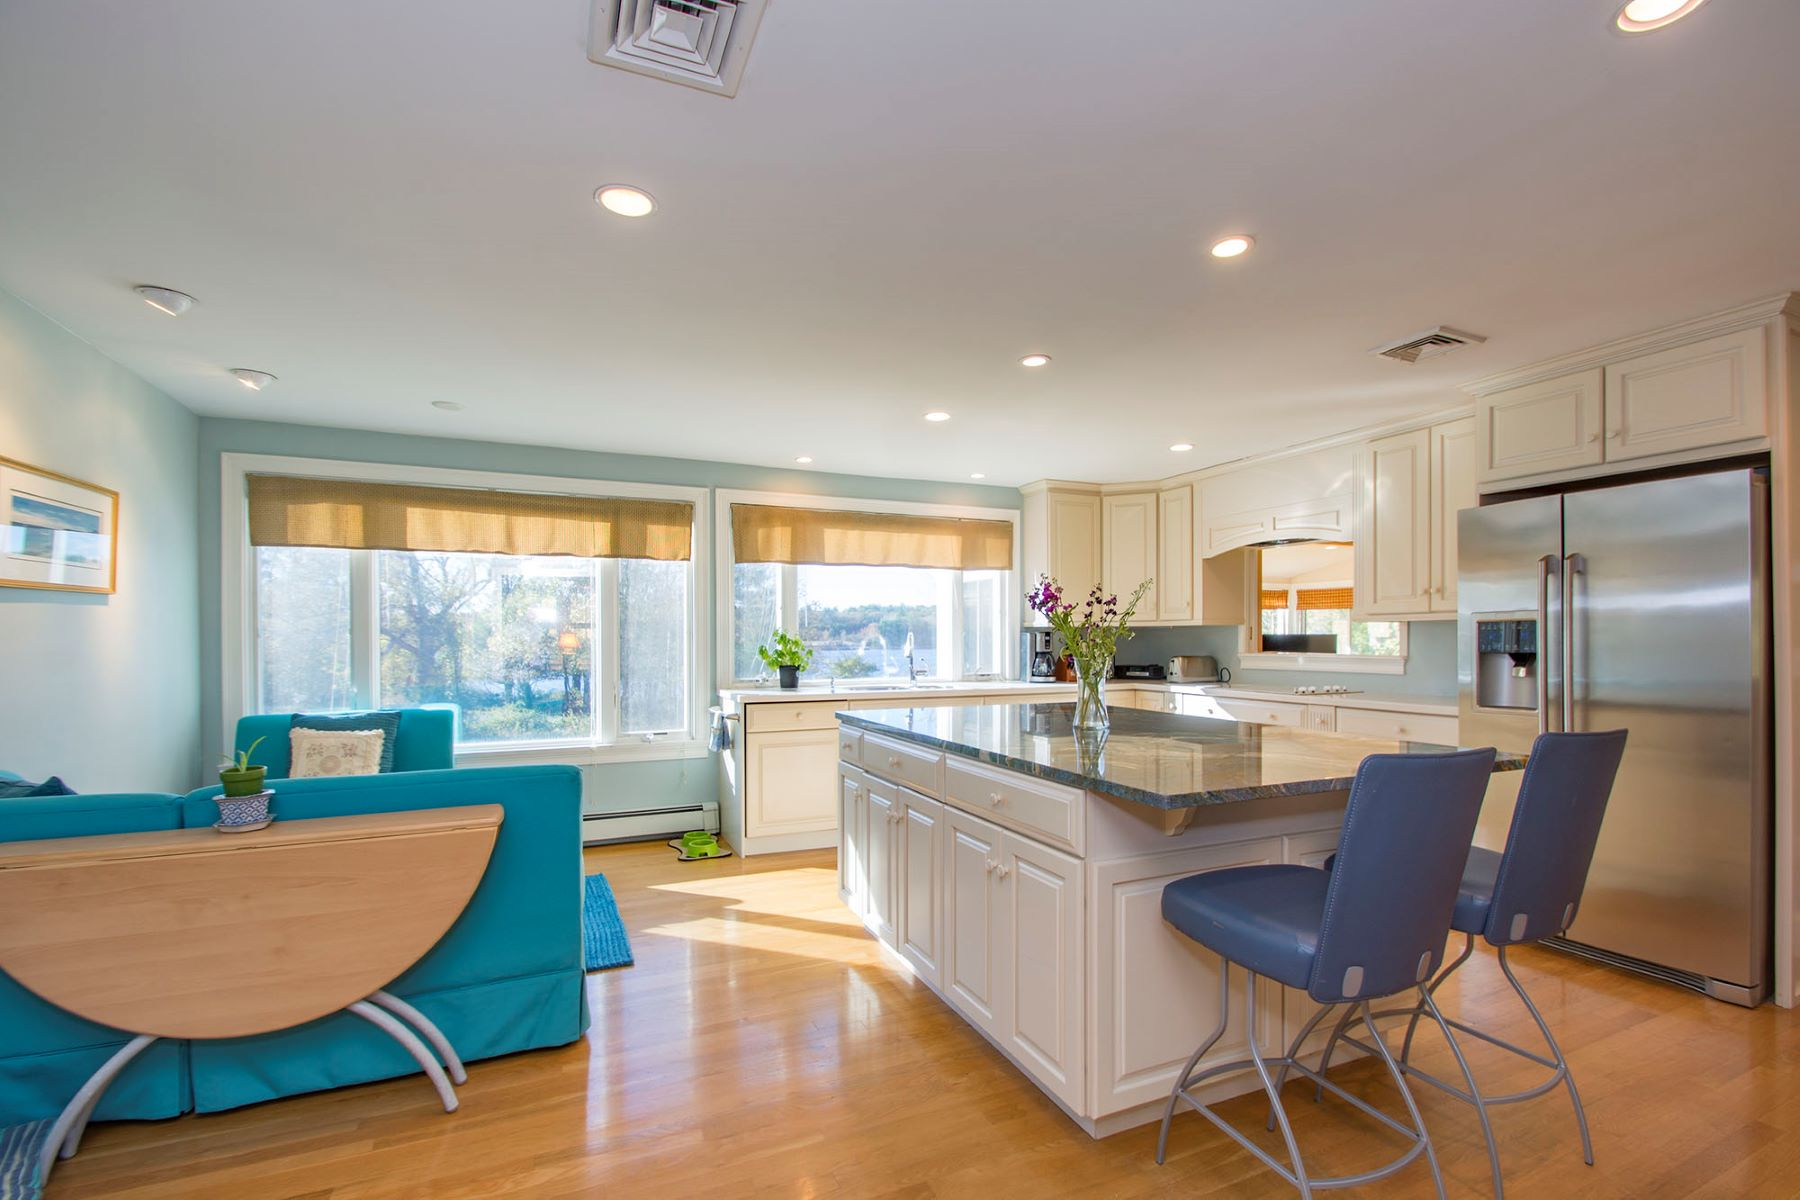 Maison unifamiliale pour l Vente à Views of Cohasset's Lilly Pond 439 King Street, Cohasset, Massachusetts, 02025 États-Unis